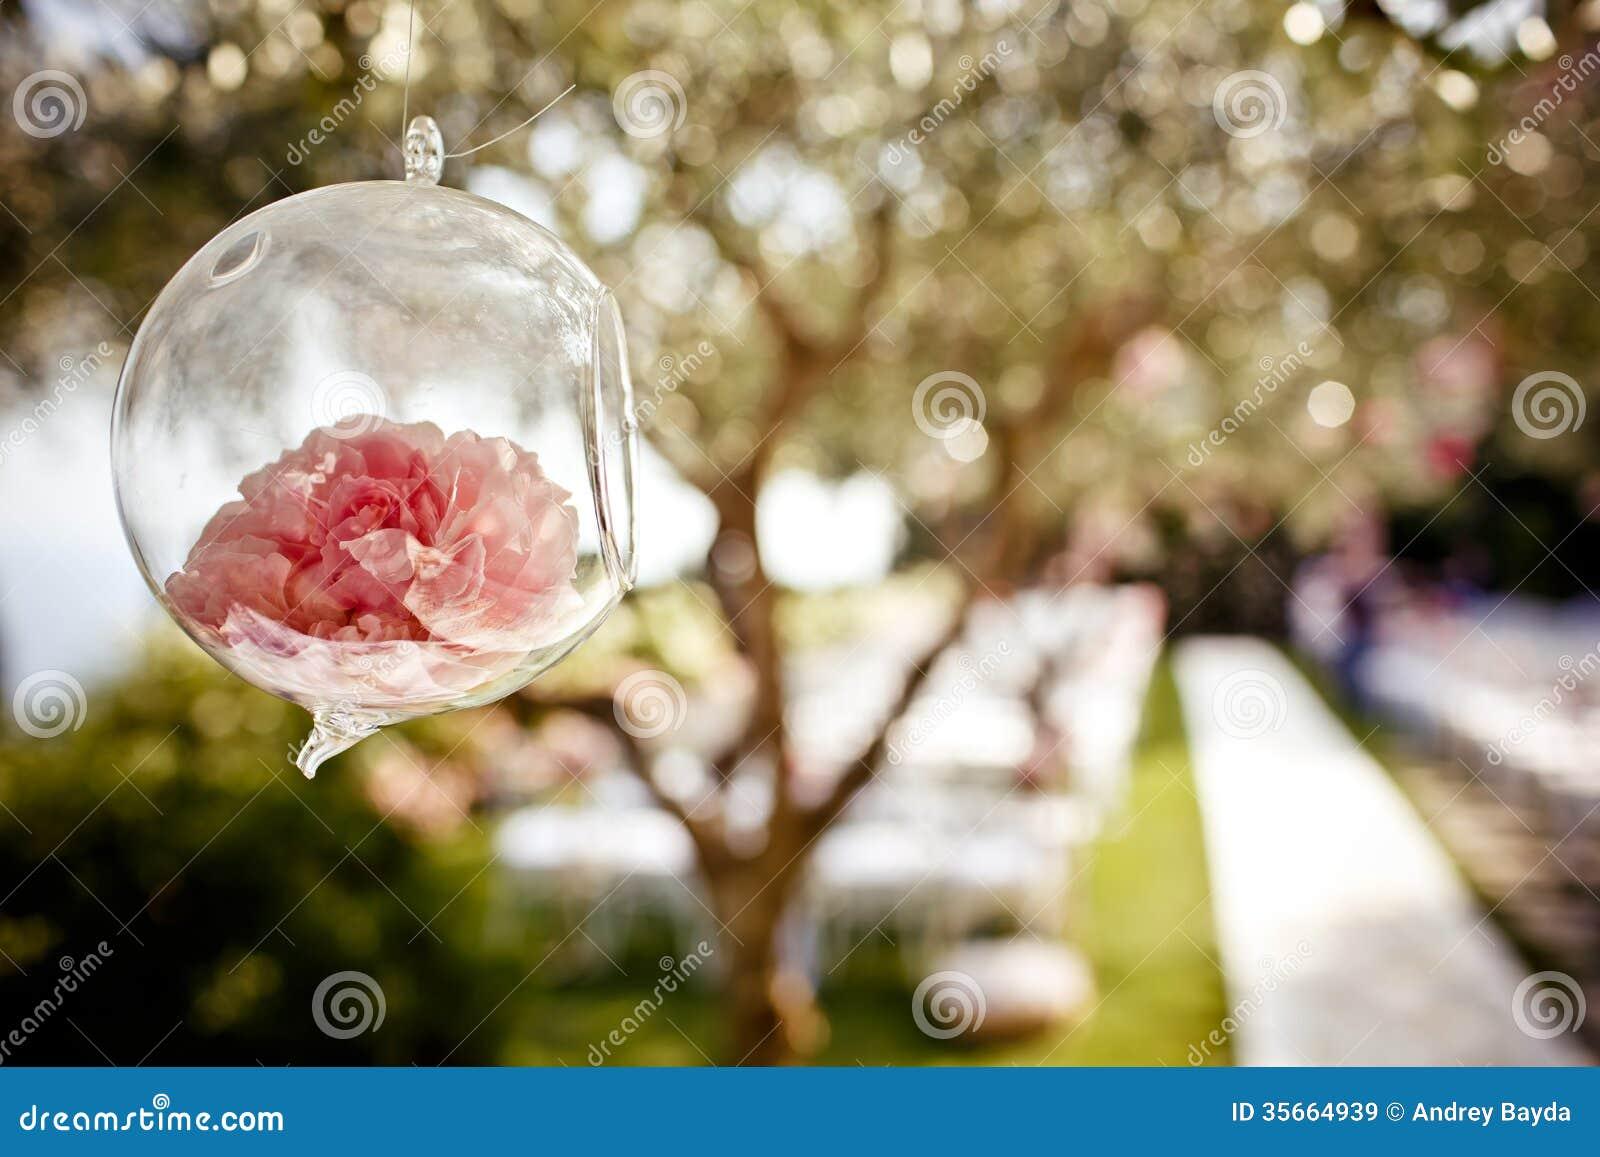 Heiratende Blumendekoration auf dem Baum